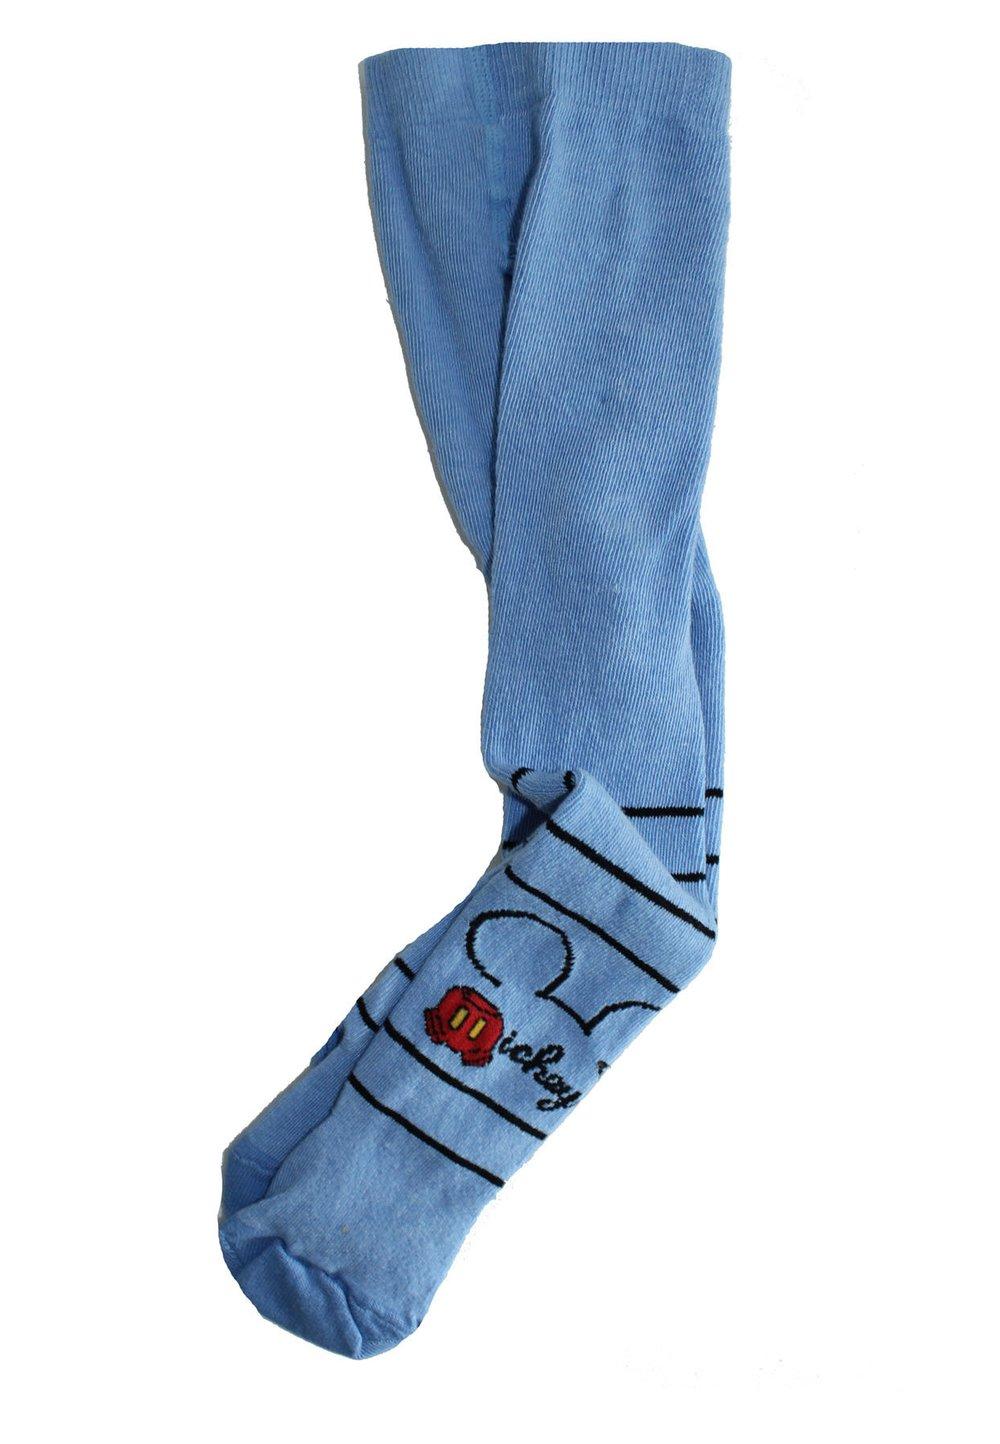 Ciorapi cu chilot bebe, Mickey Mouse, albastri imagine